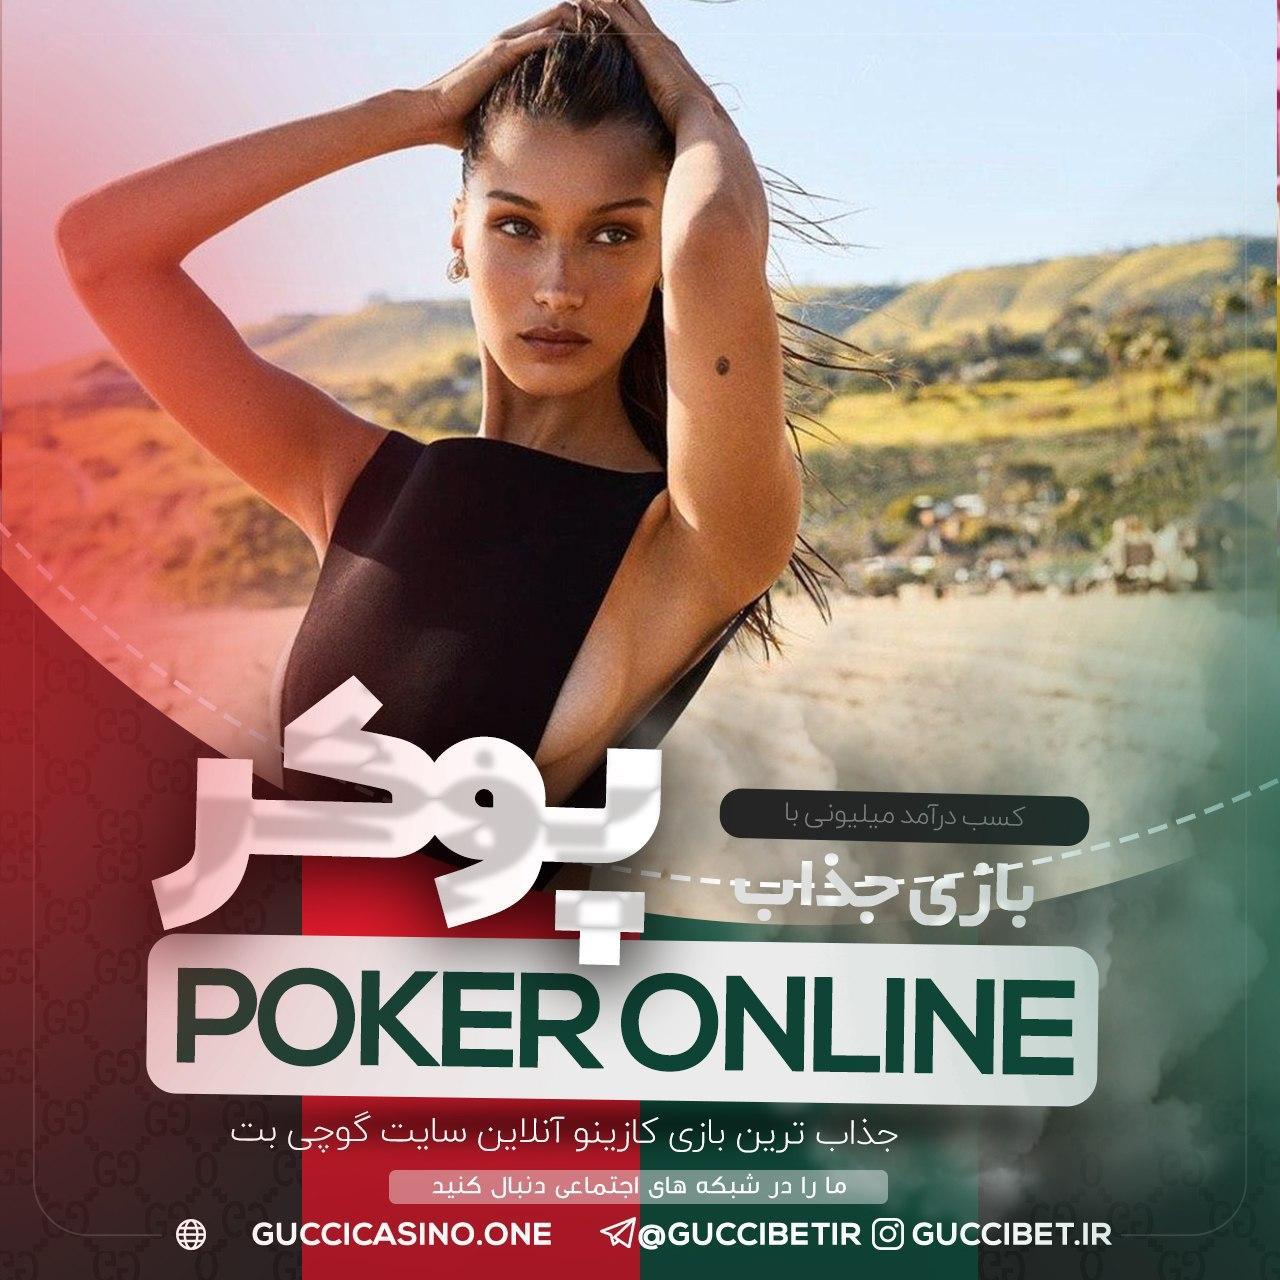 ویلون پوکر | سایت شرط بندی wilon poker با بونوس | ادرس بدون فیلتر سایت